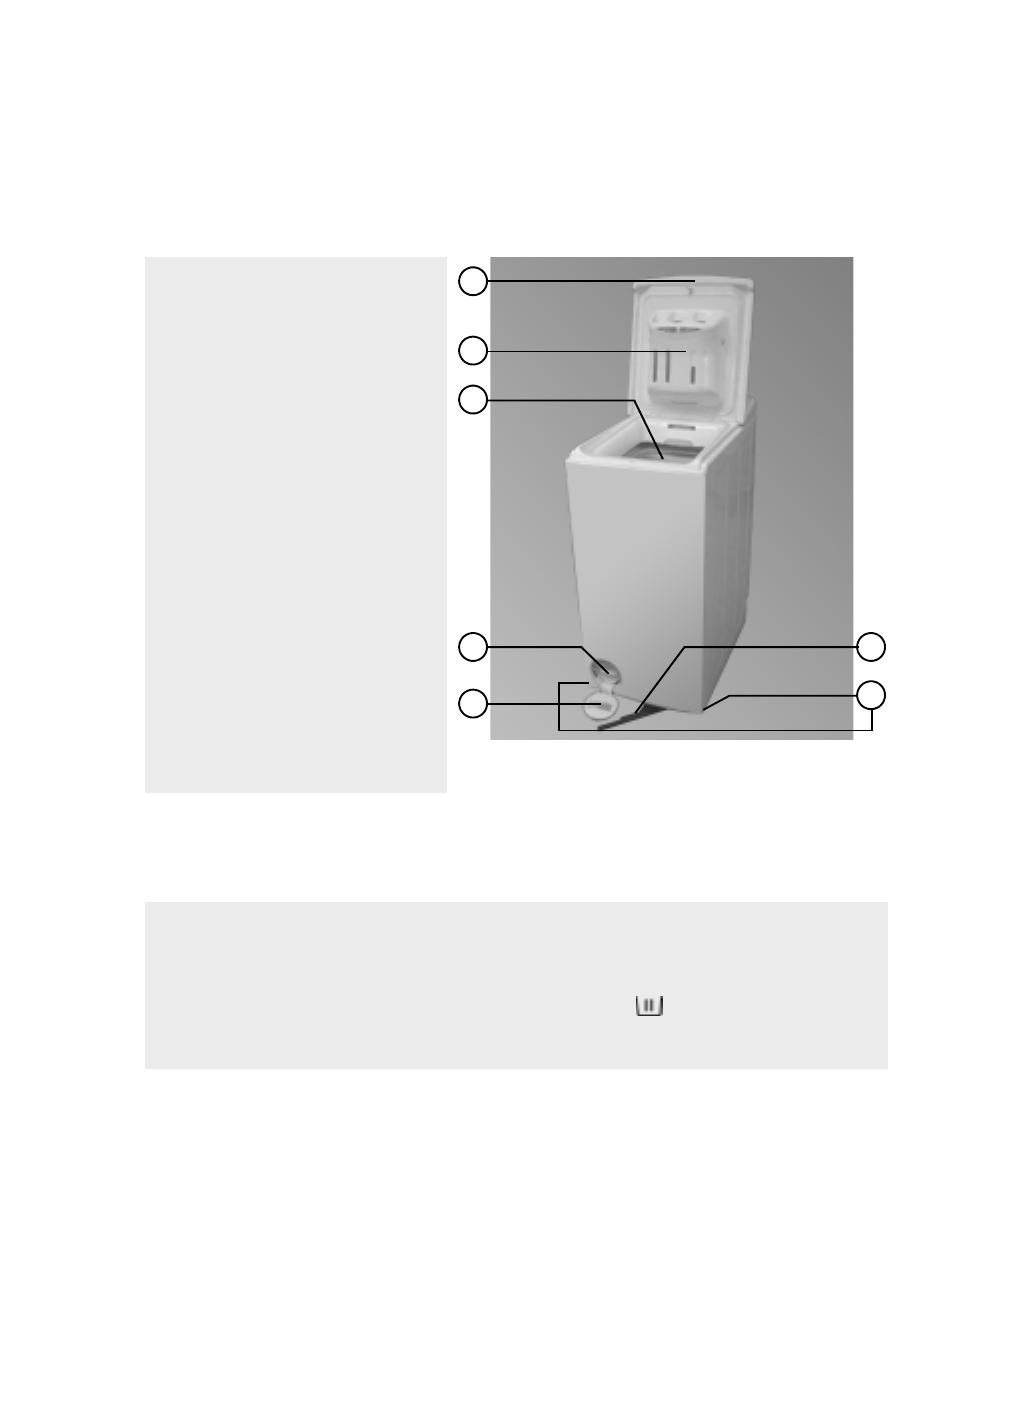 bedienungsanleitung whirlpool awe 5125 seite 4 von 18. Black Bedroom Furniture Sets. Home Design Ideas